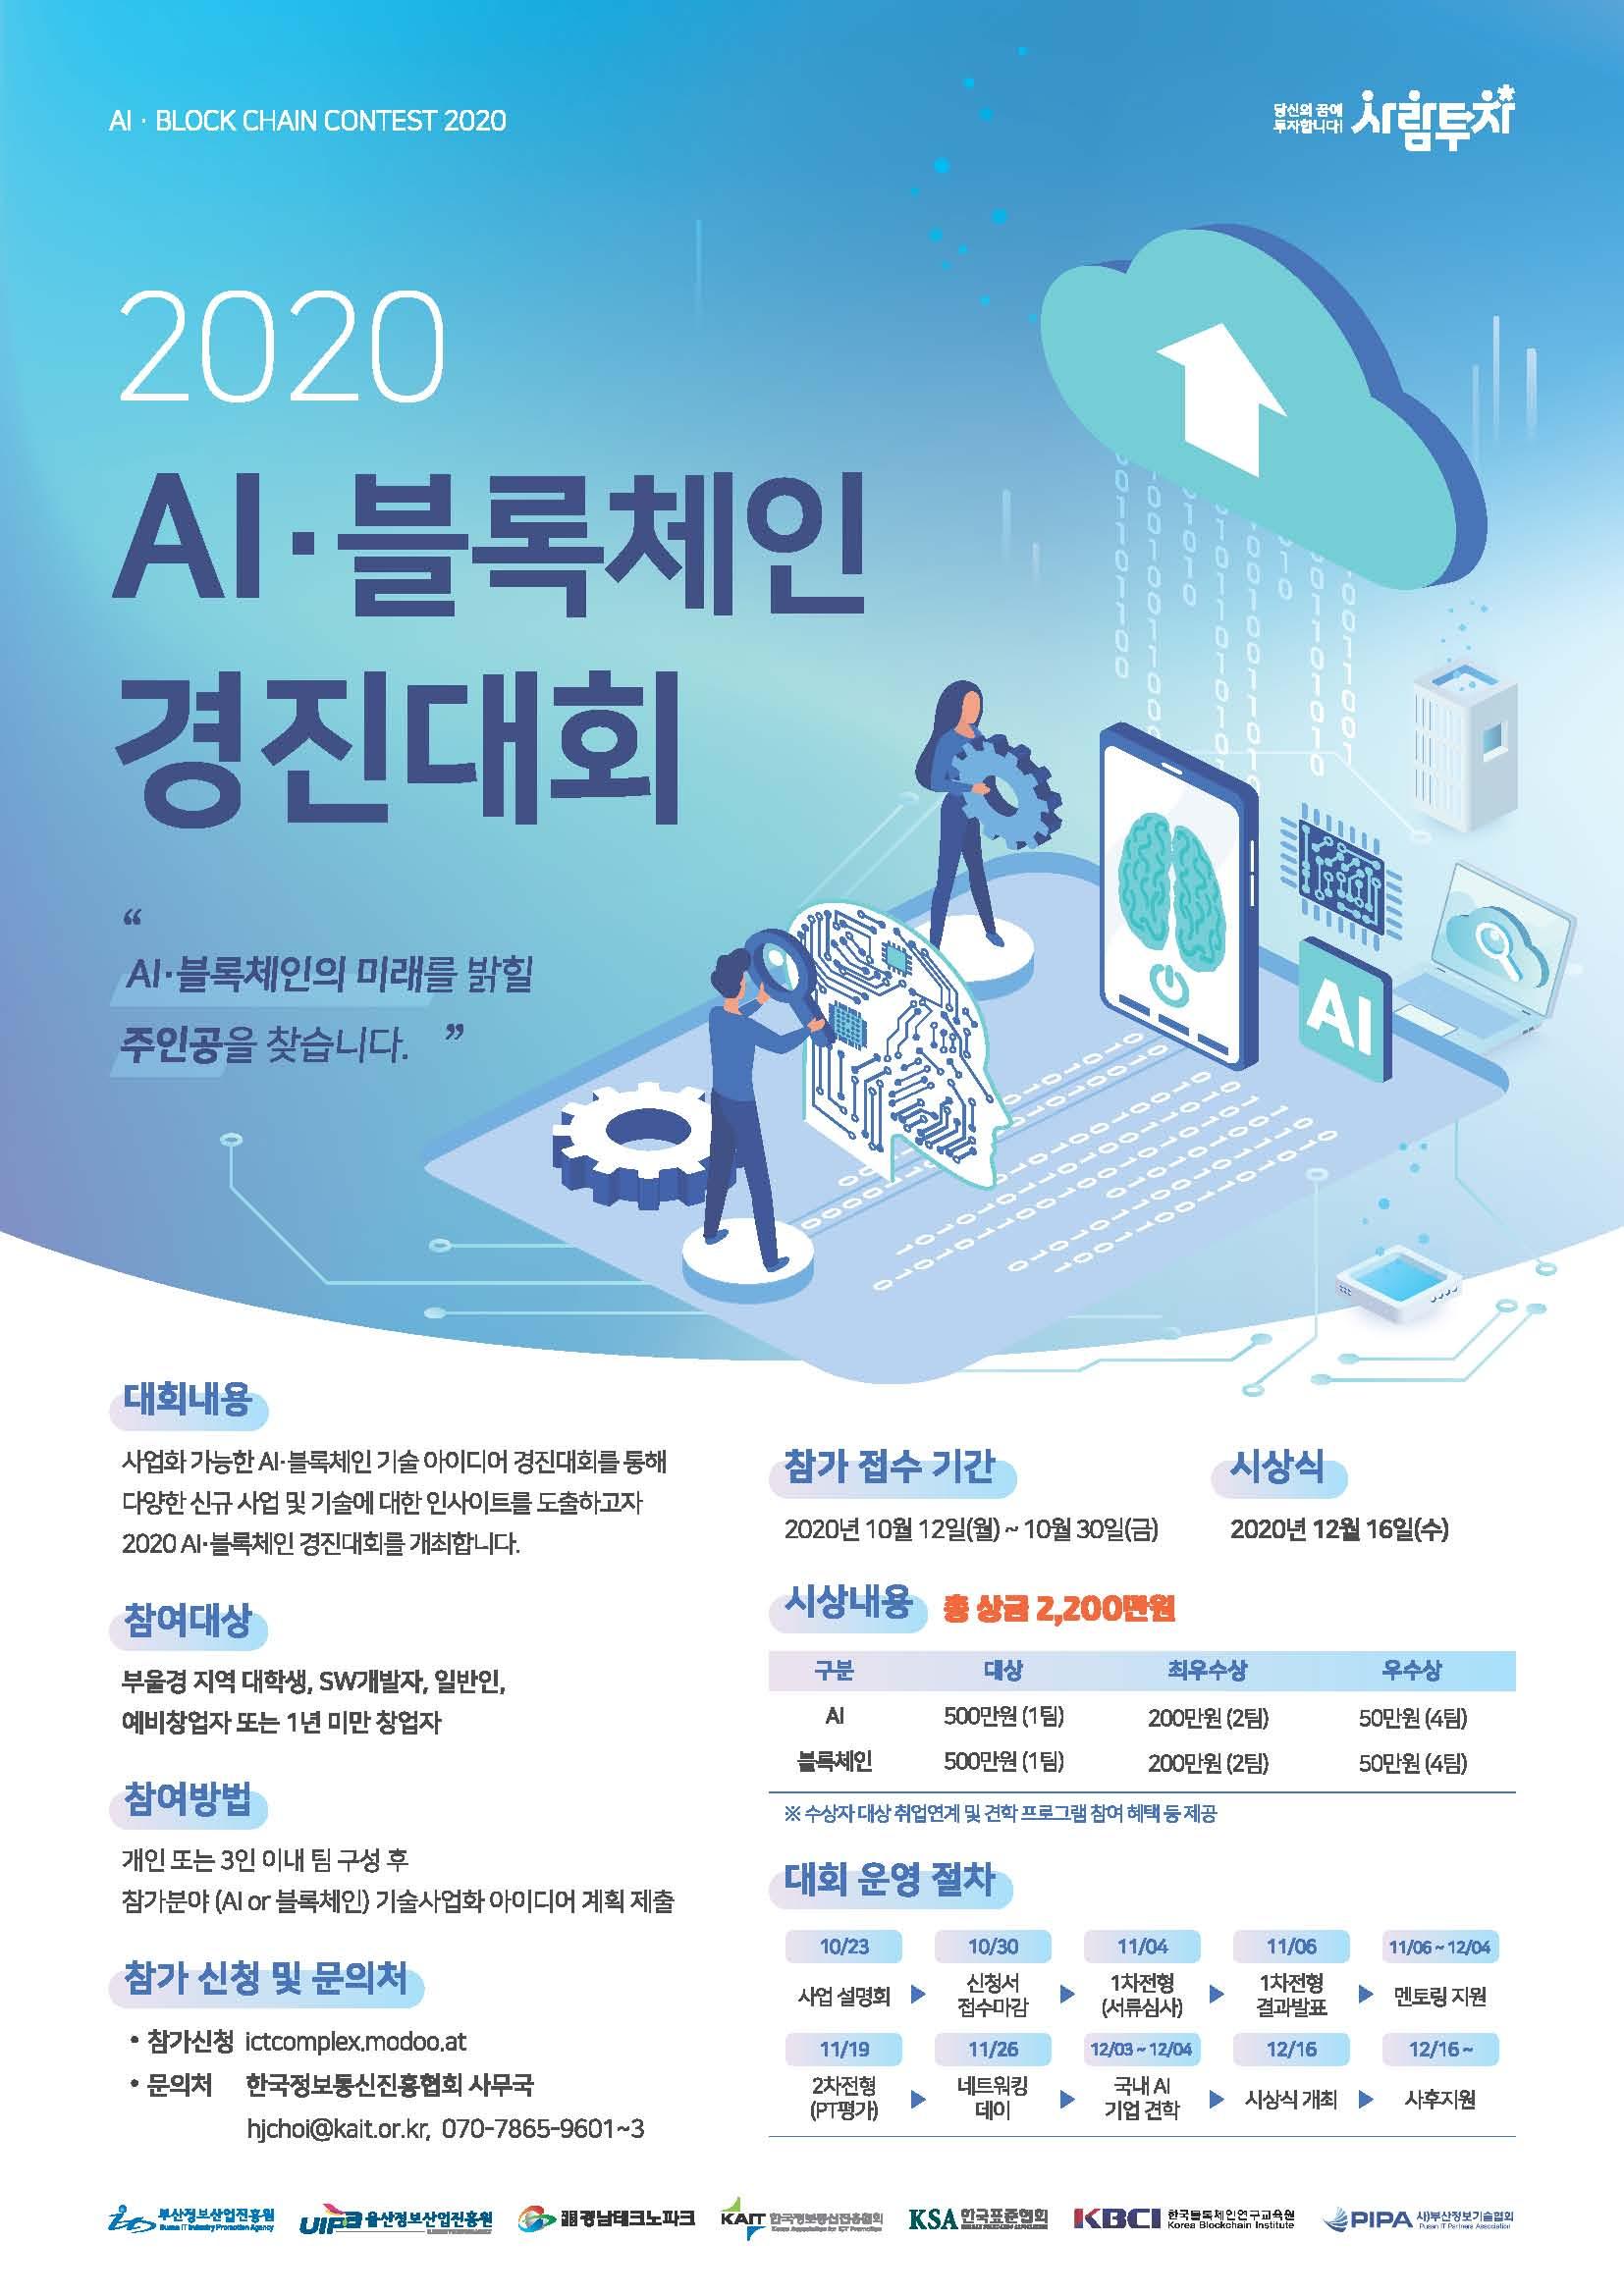 [지역 ICT 이노베이션스퀘어] 2020 AI 블록체인 기술사업화 아이디어 경진대회 개최 안내